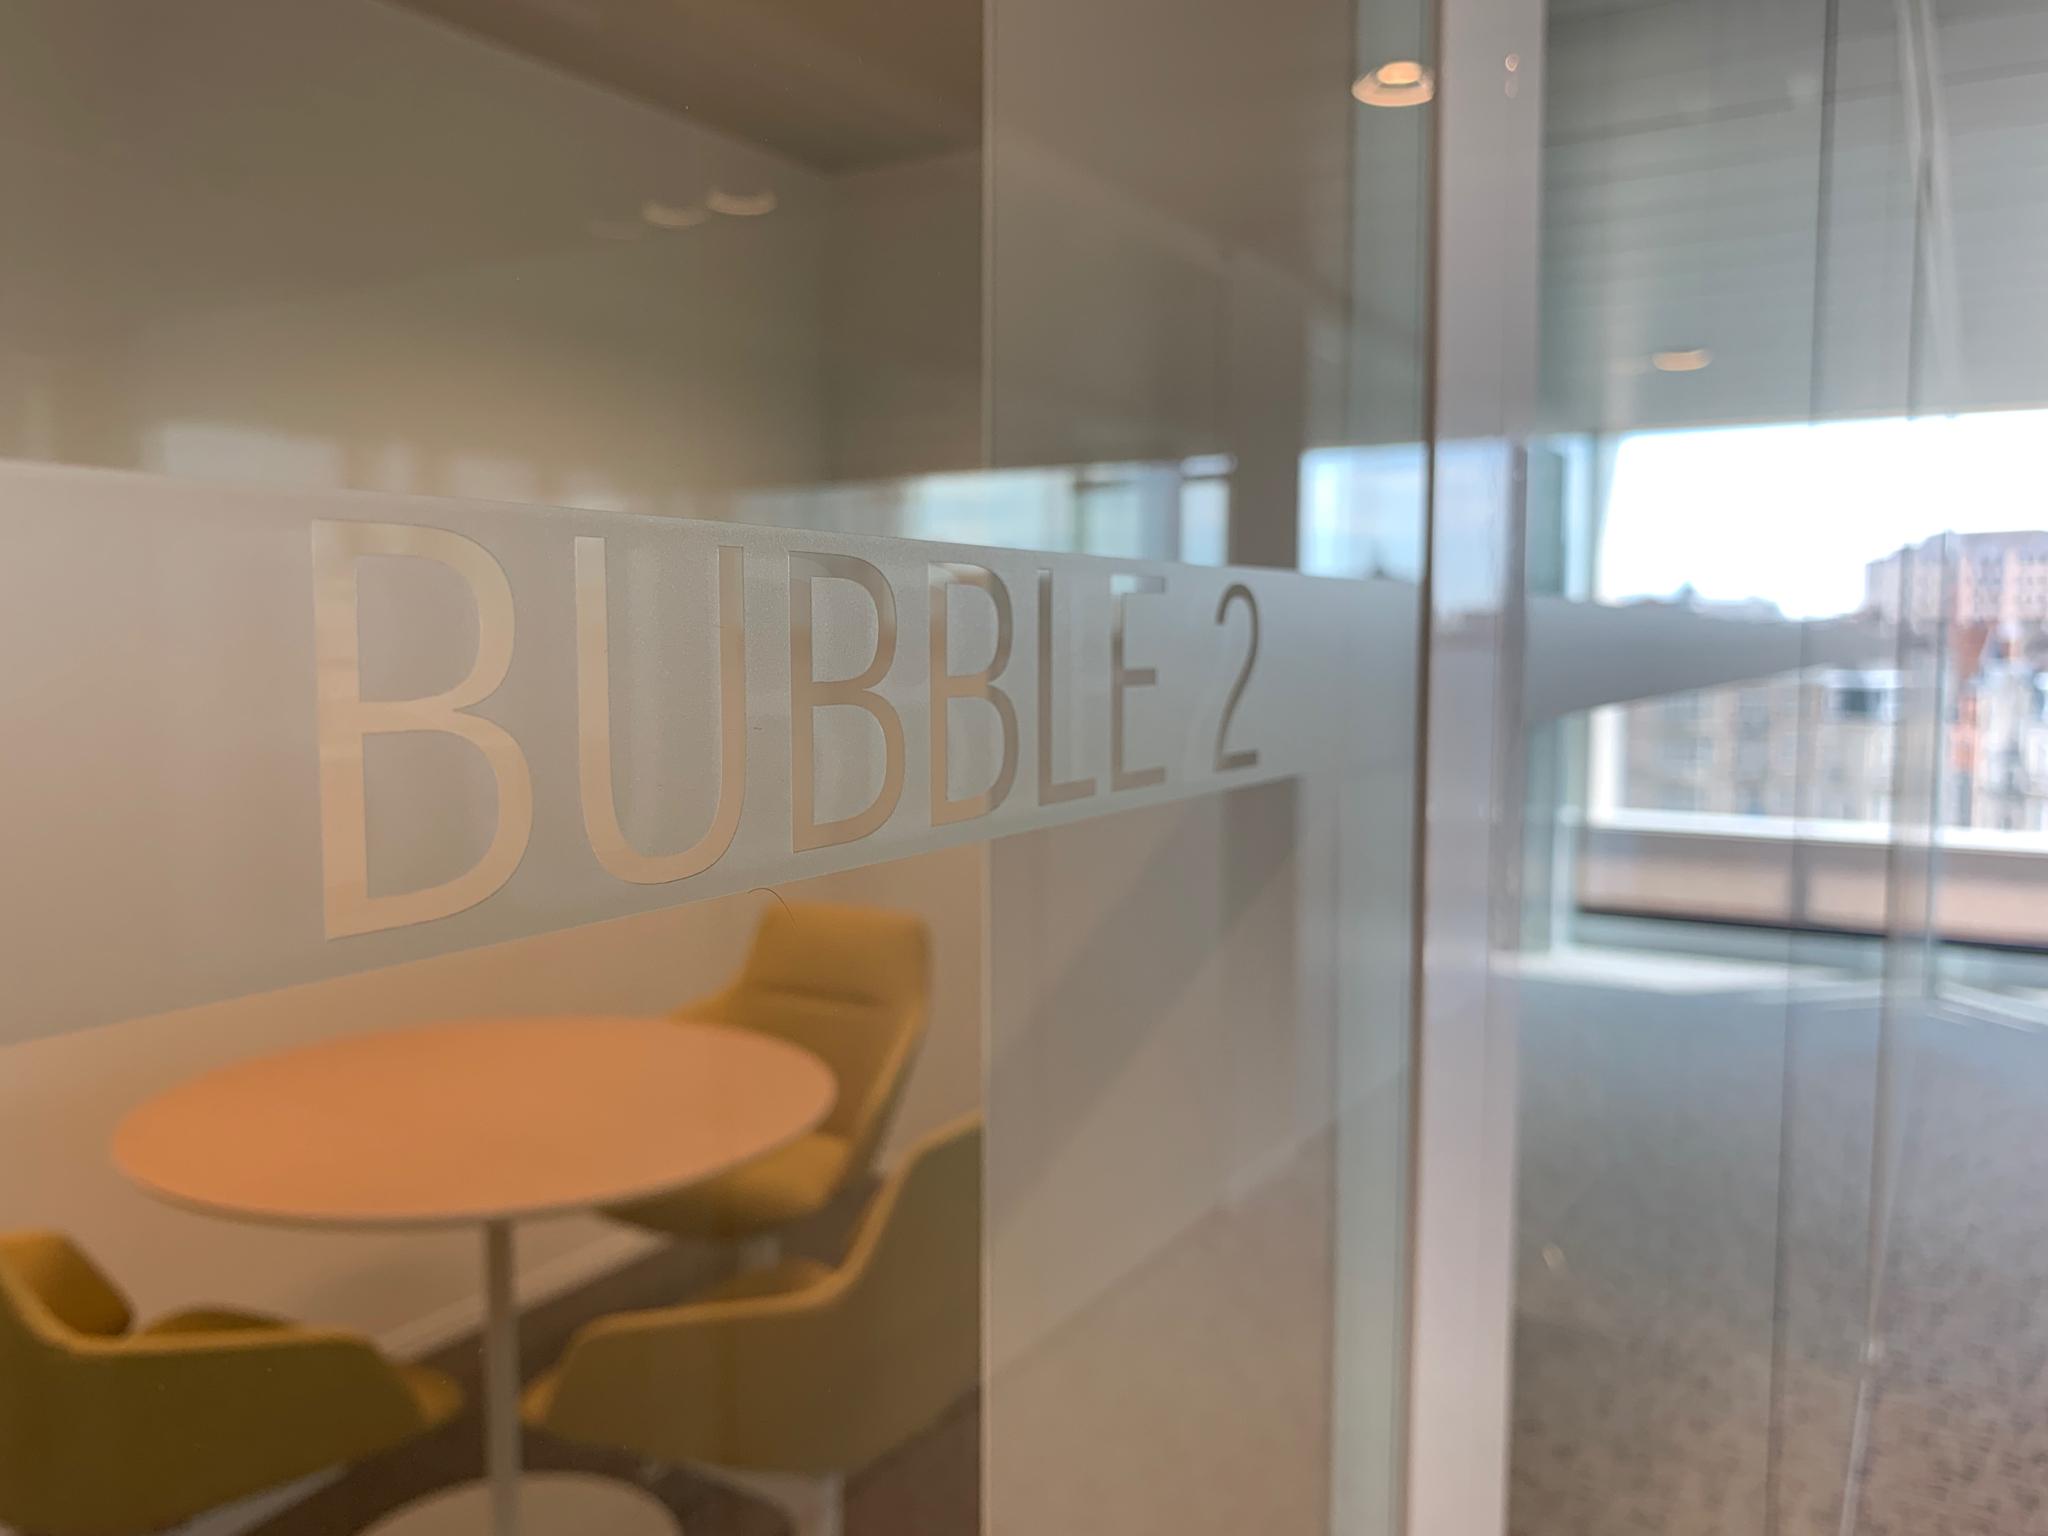 Wayfinding – indoor signalisatie met raamfolie om verschillende ruimtes in het gebouw aan te duiden en een overzicht te creëren by actual sign member of the remotec group